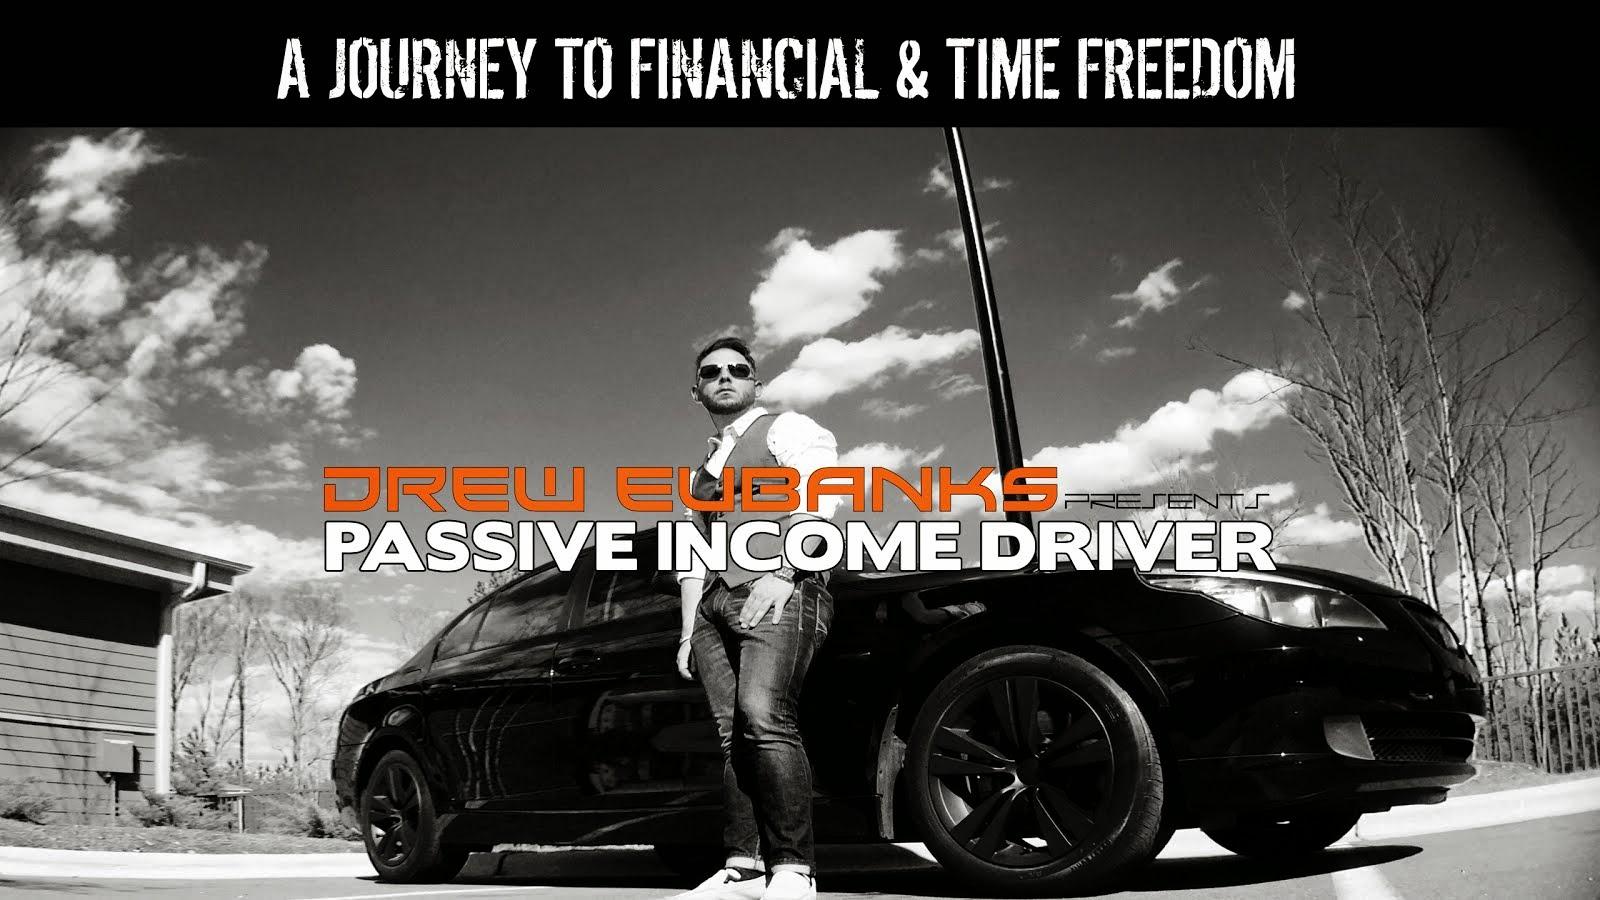 Passive Income Driver